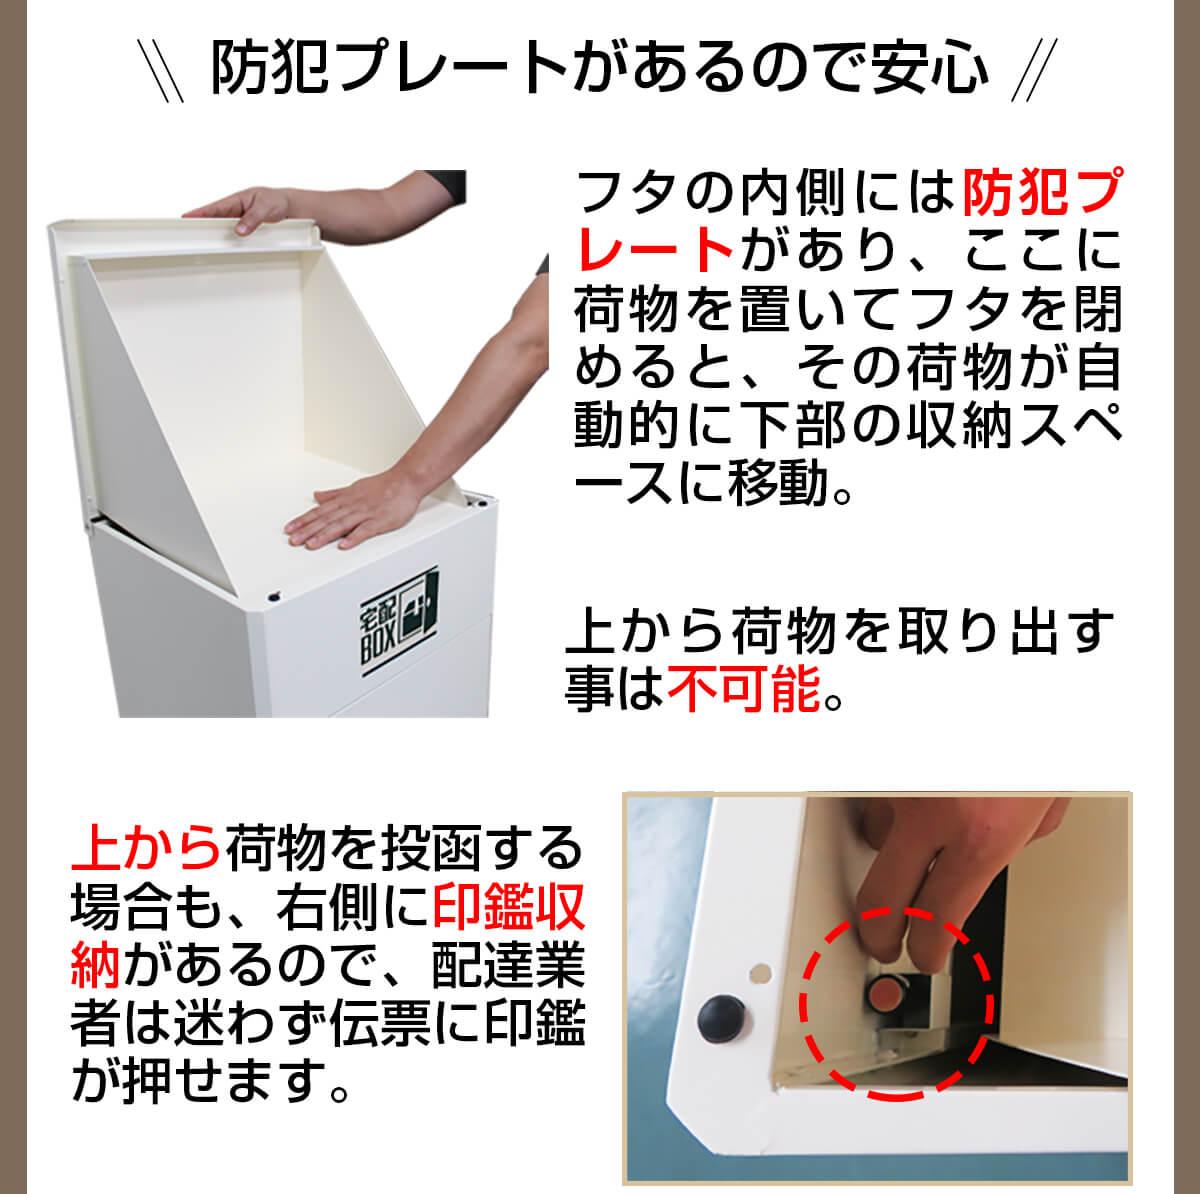 宅配ボックス ルスネコボックス®の上からの使い方2